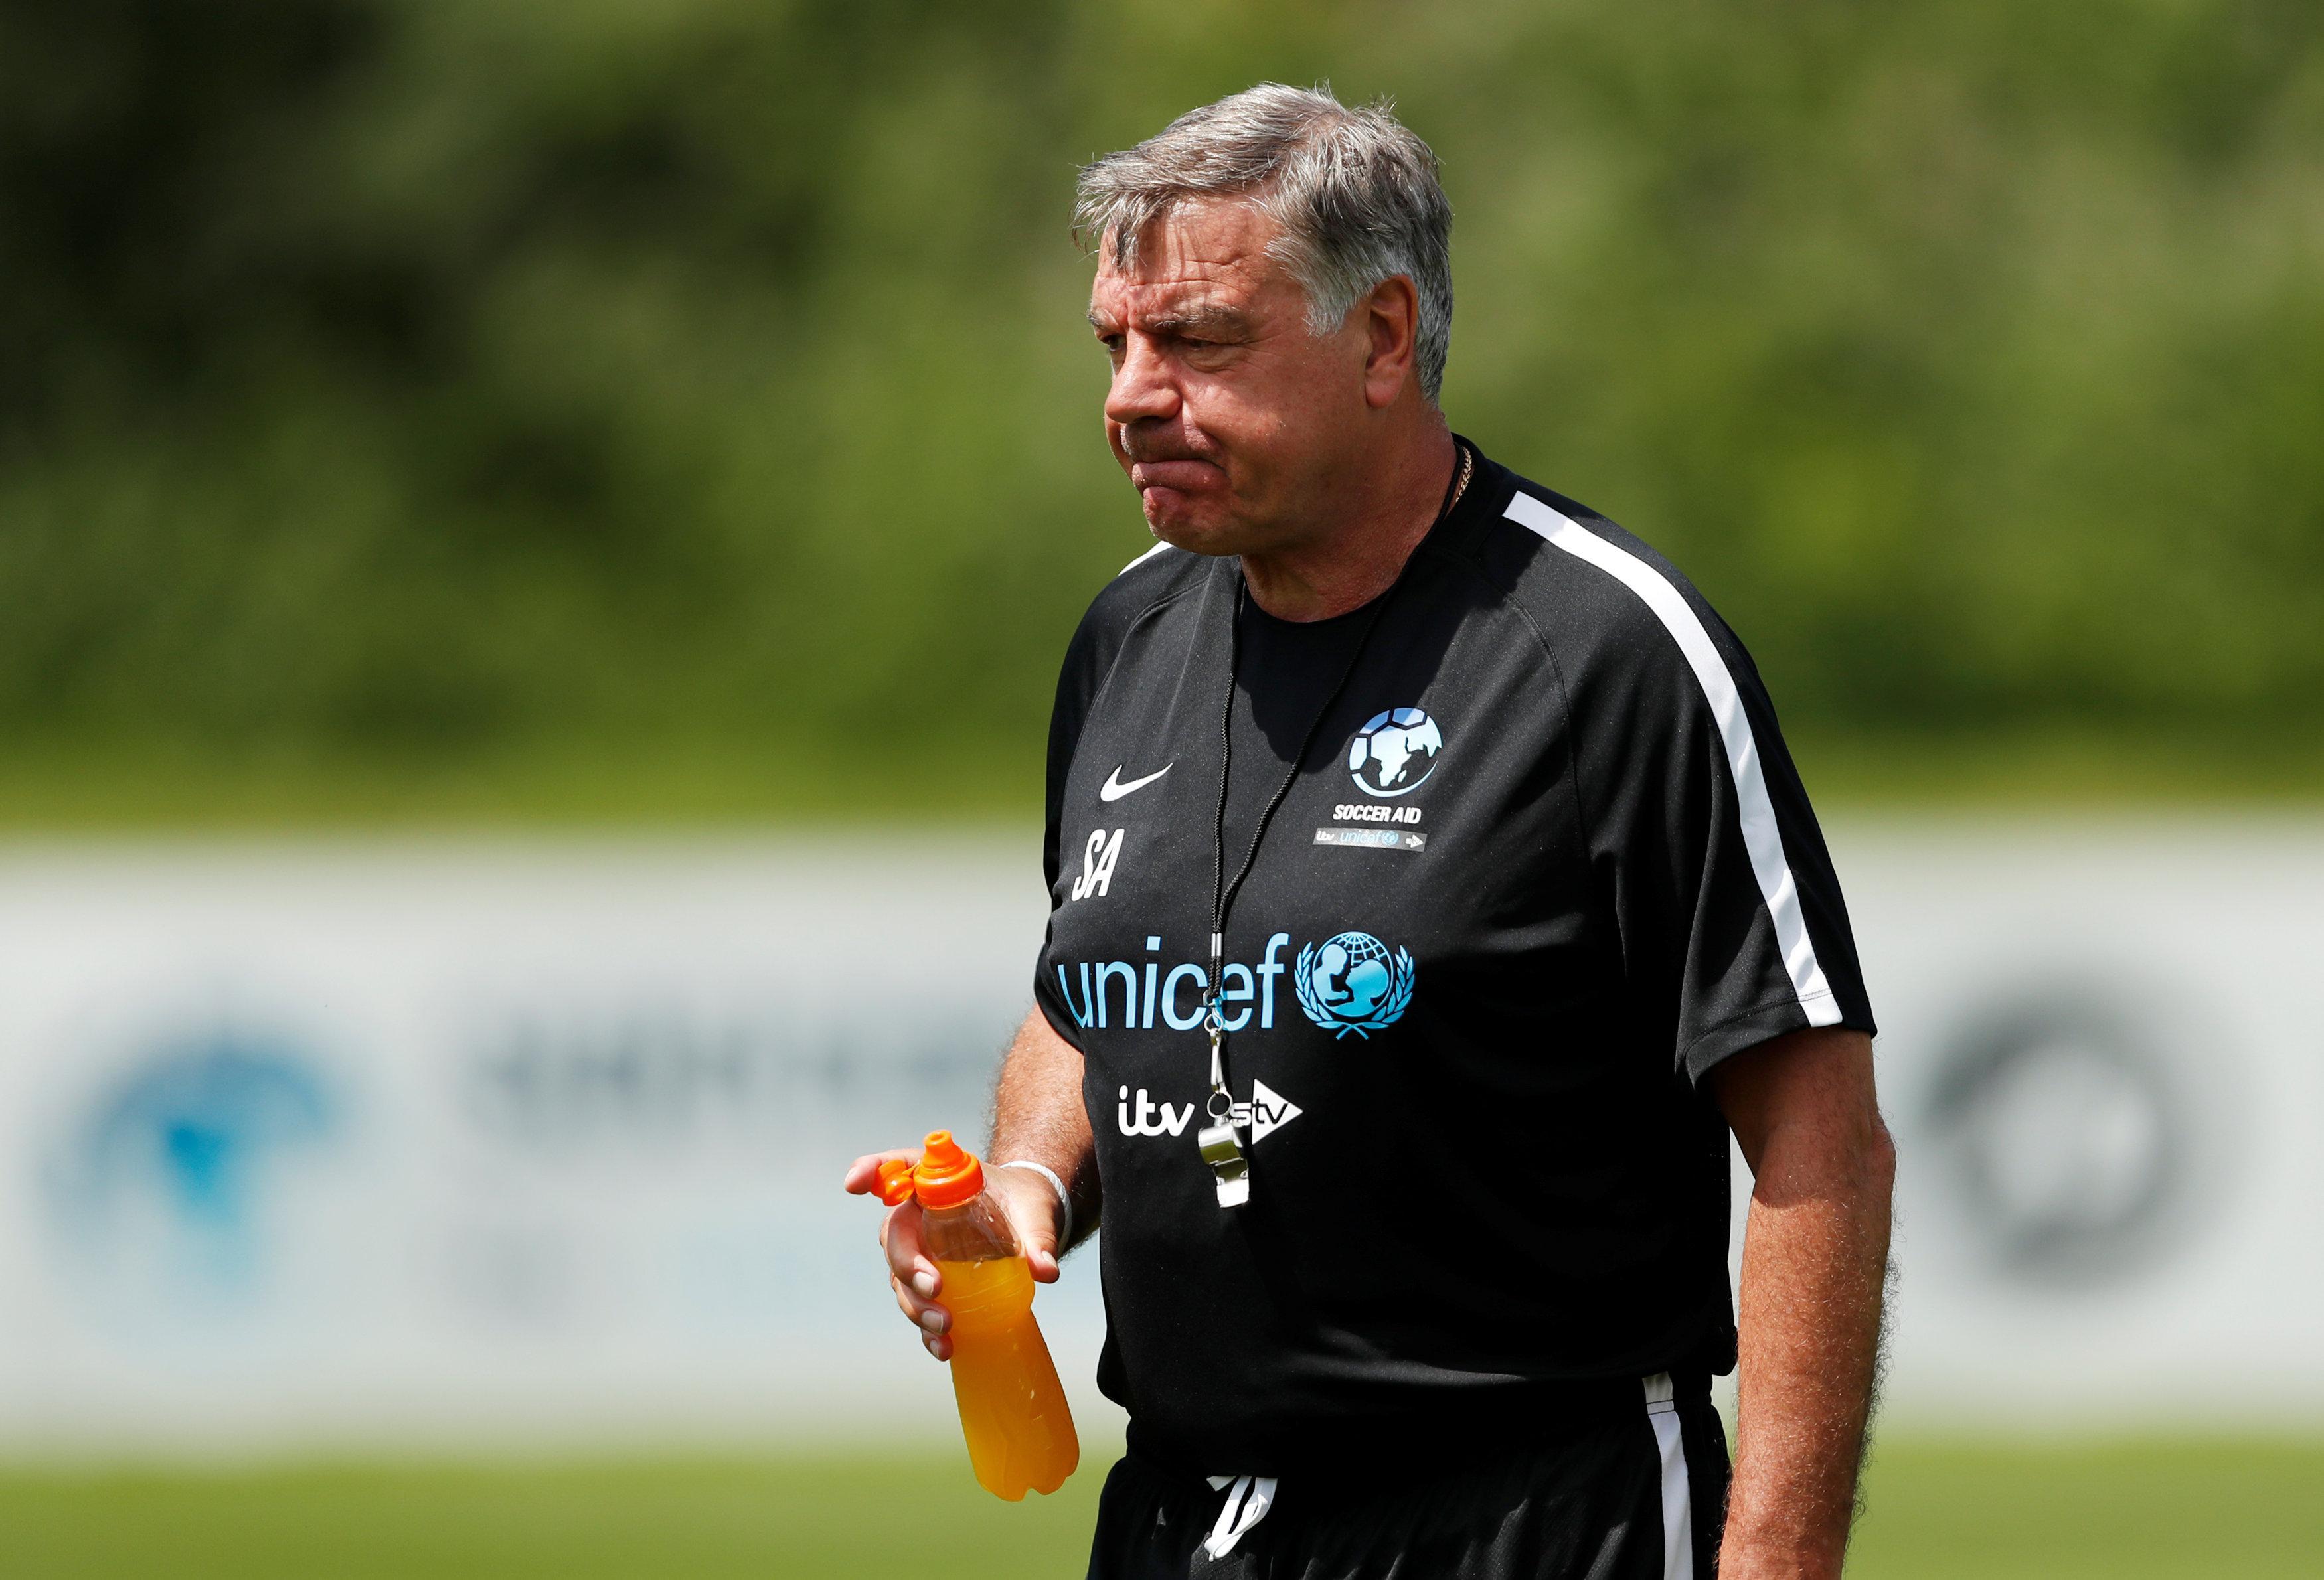 Sam Allardyce managed the England XI at Soccer Aid